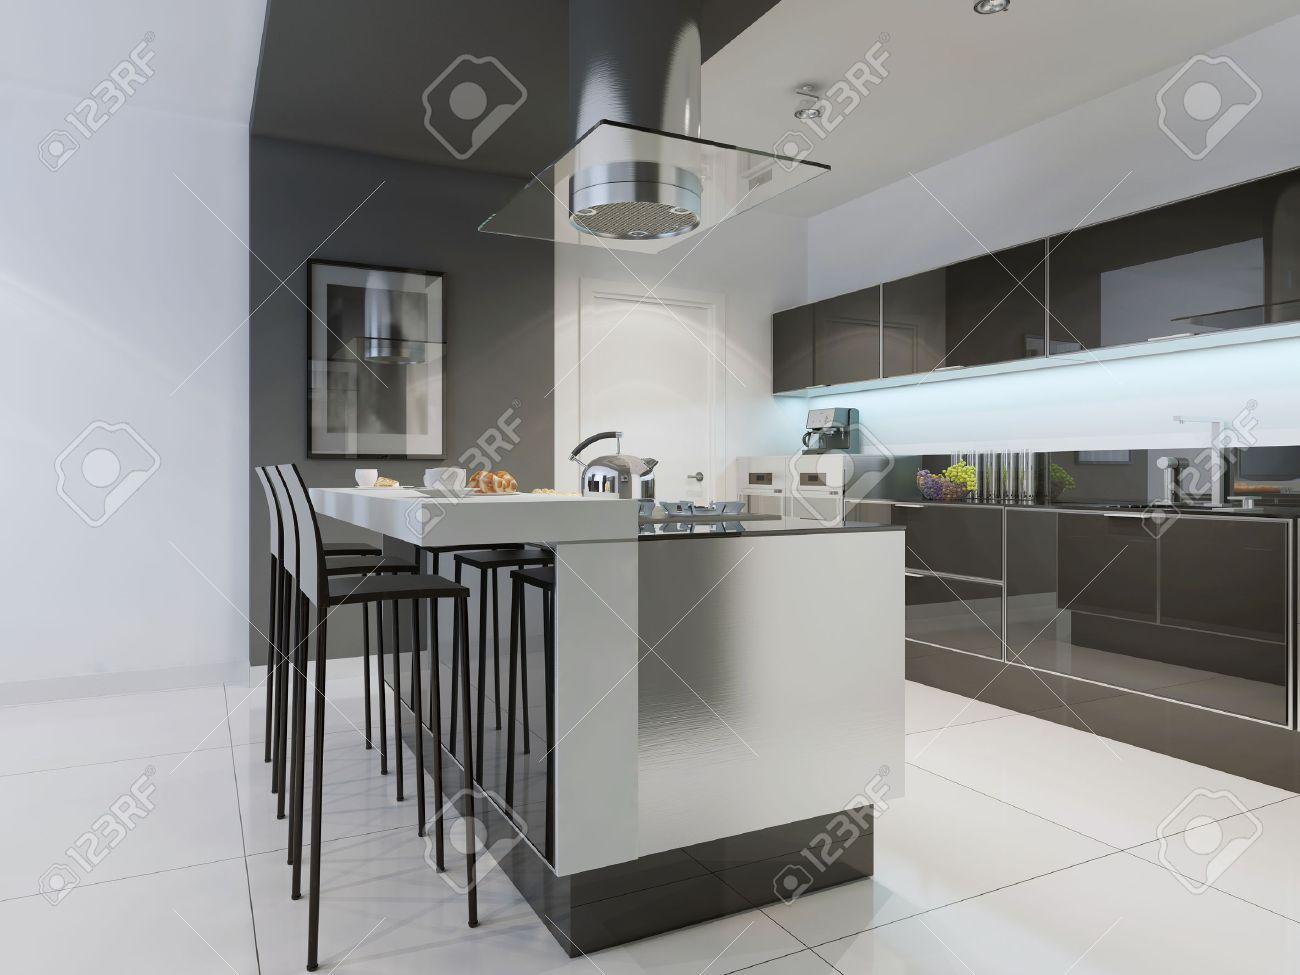 Design Der Modernen Küche Mit Insel. Flat Panel Schränke, Schwarz ...